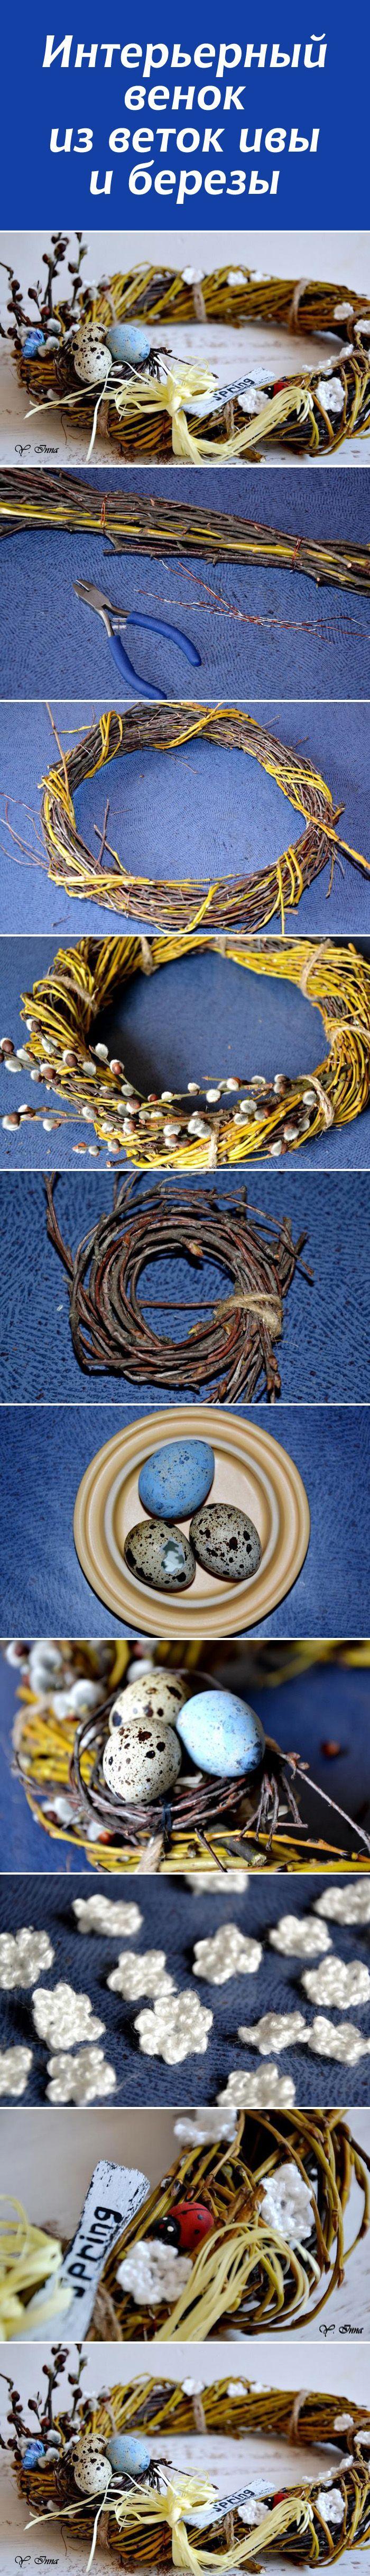 """Создаем чудесный интерьерный венок """"Весенний"""" из веток ивы и березы #diy #spring #easter #wreath #tutorial"""